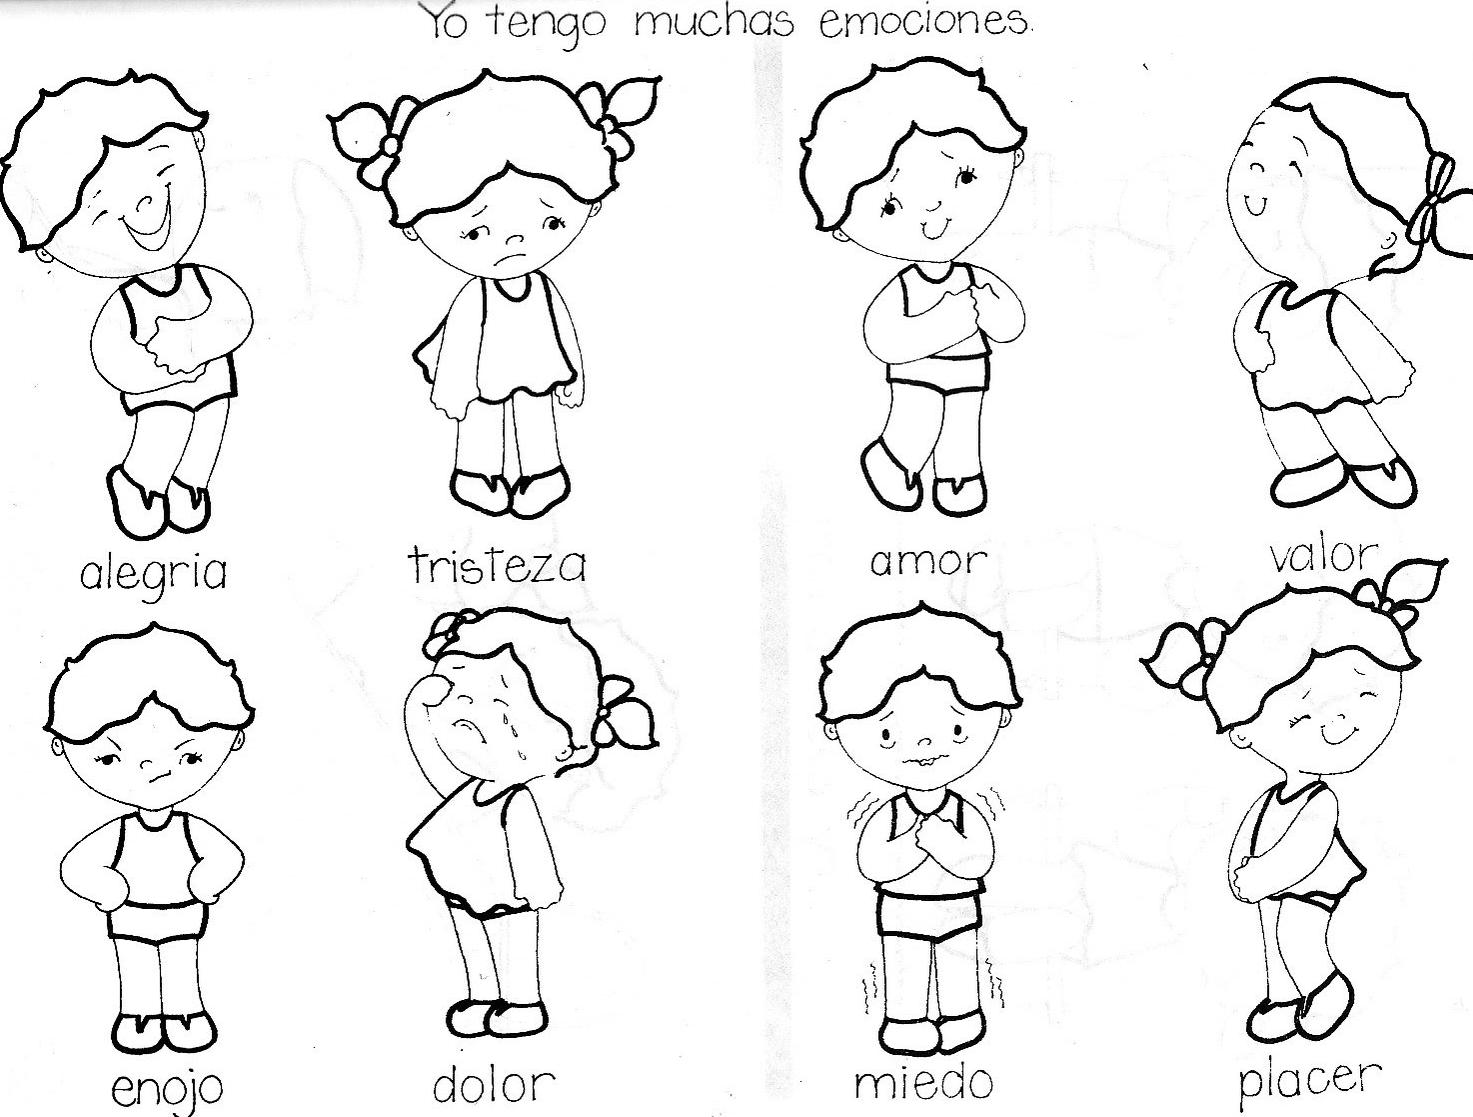 Aprendiendo a crecer: Las emociones